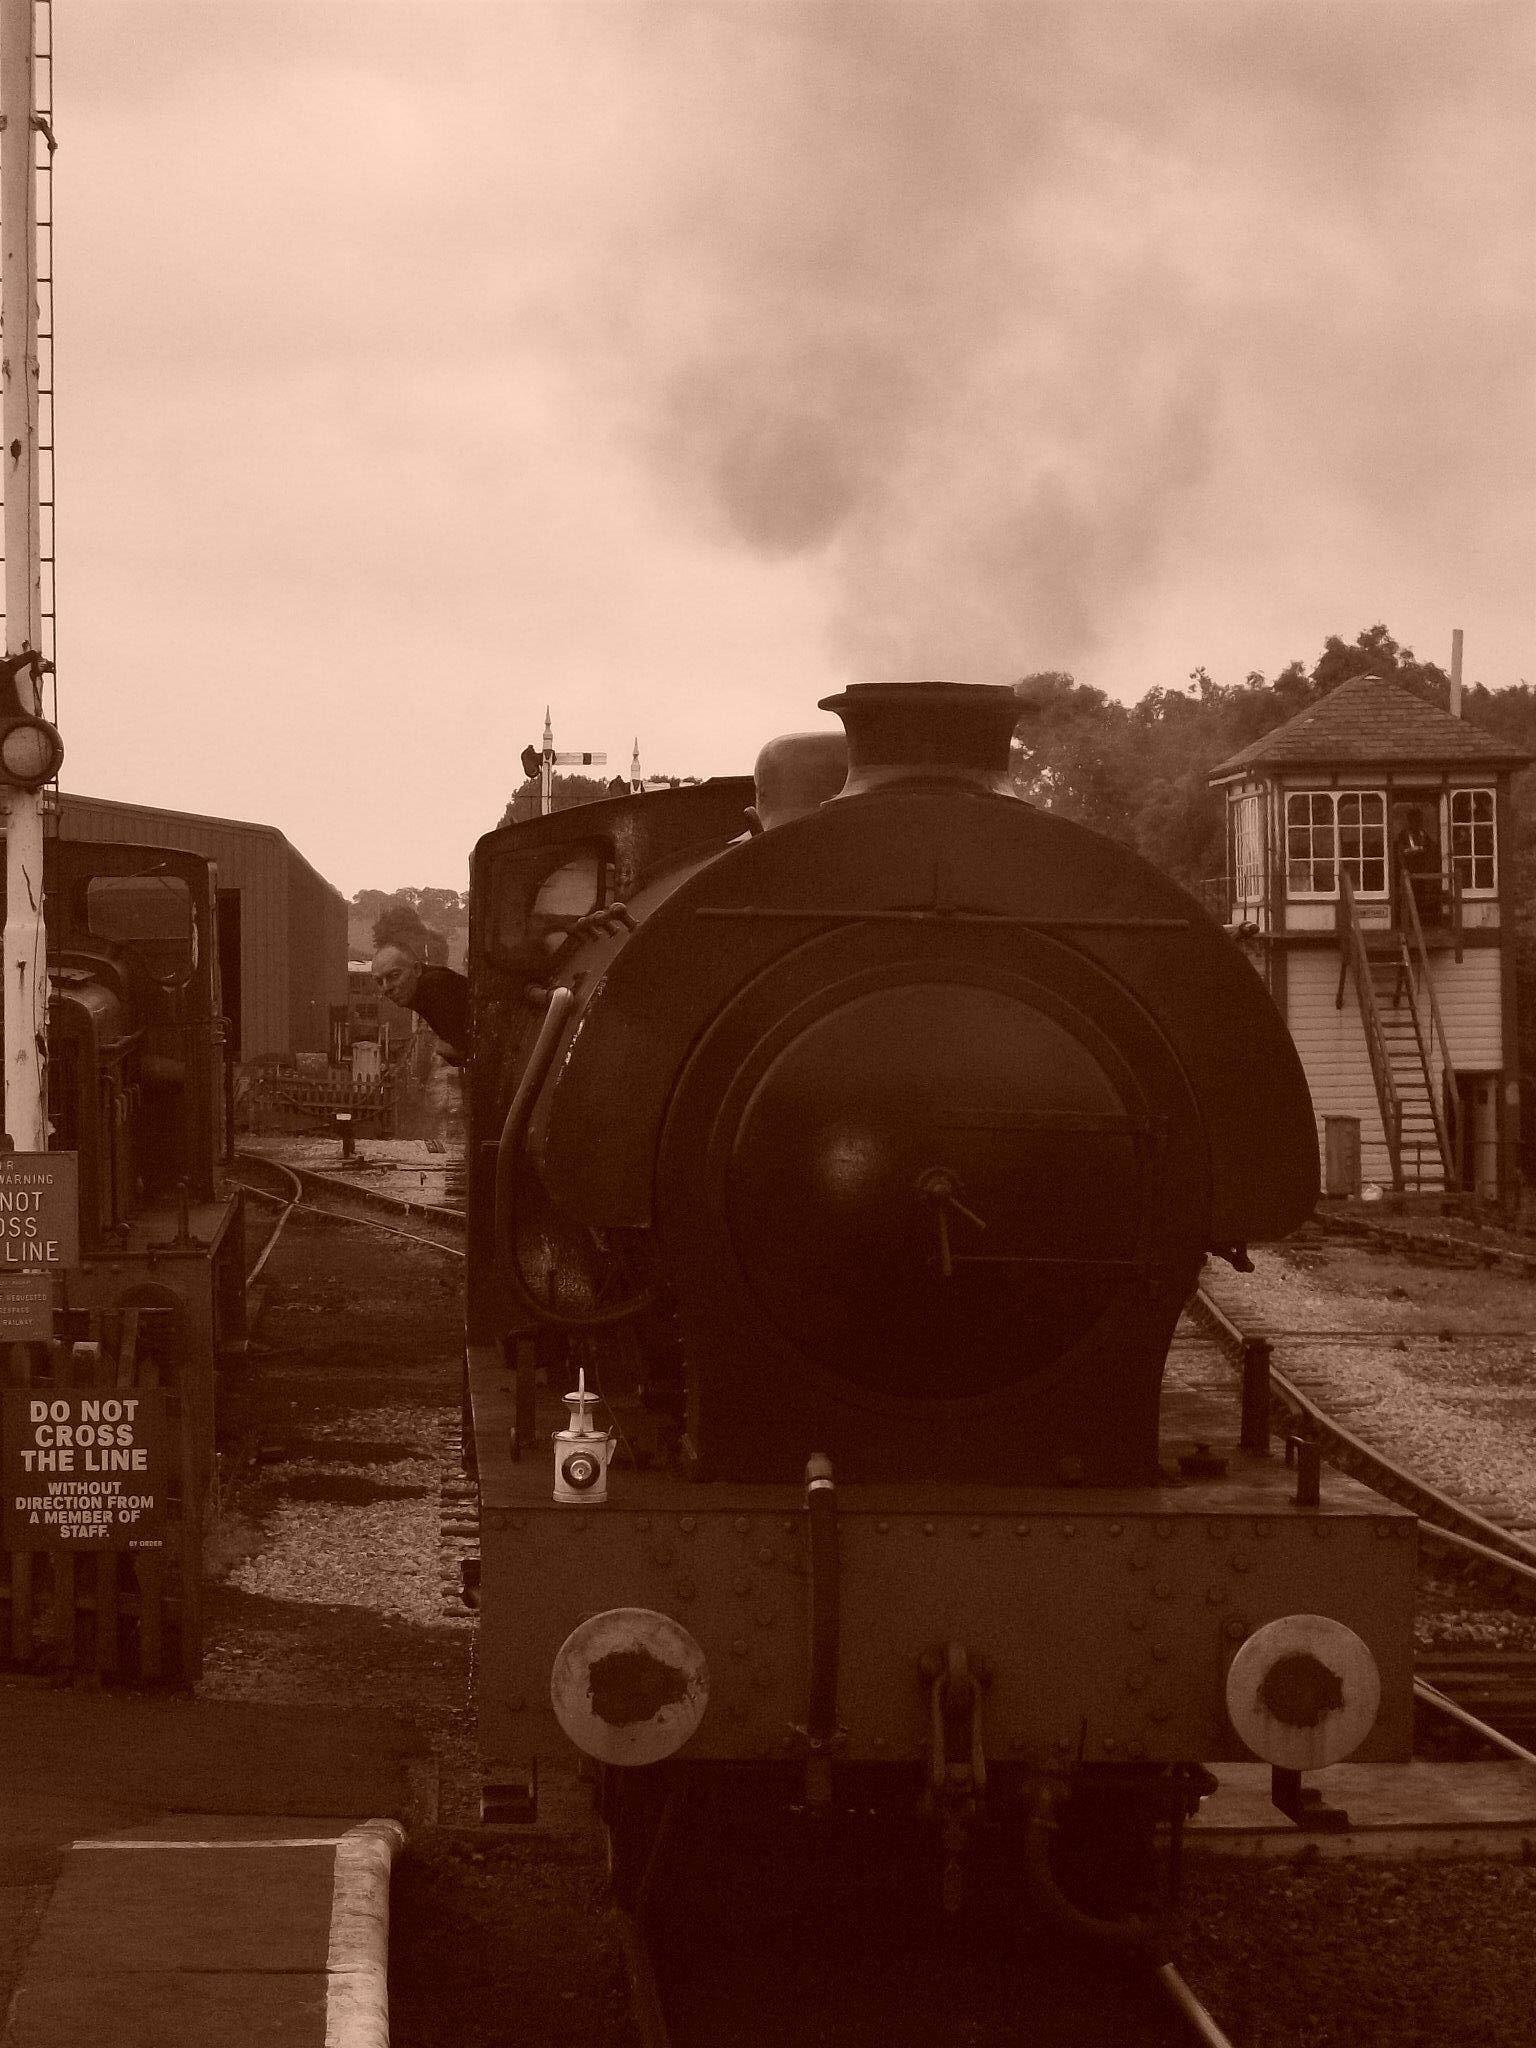 All aboard by Gillian Best